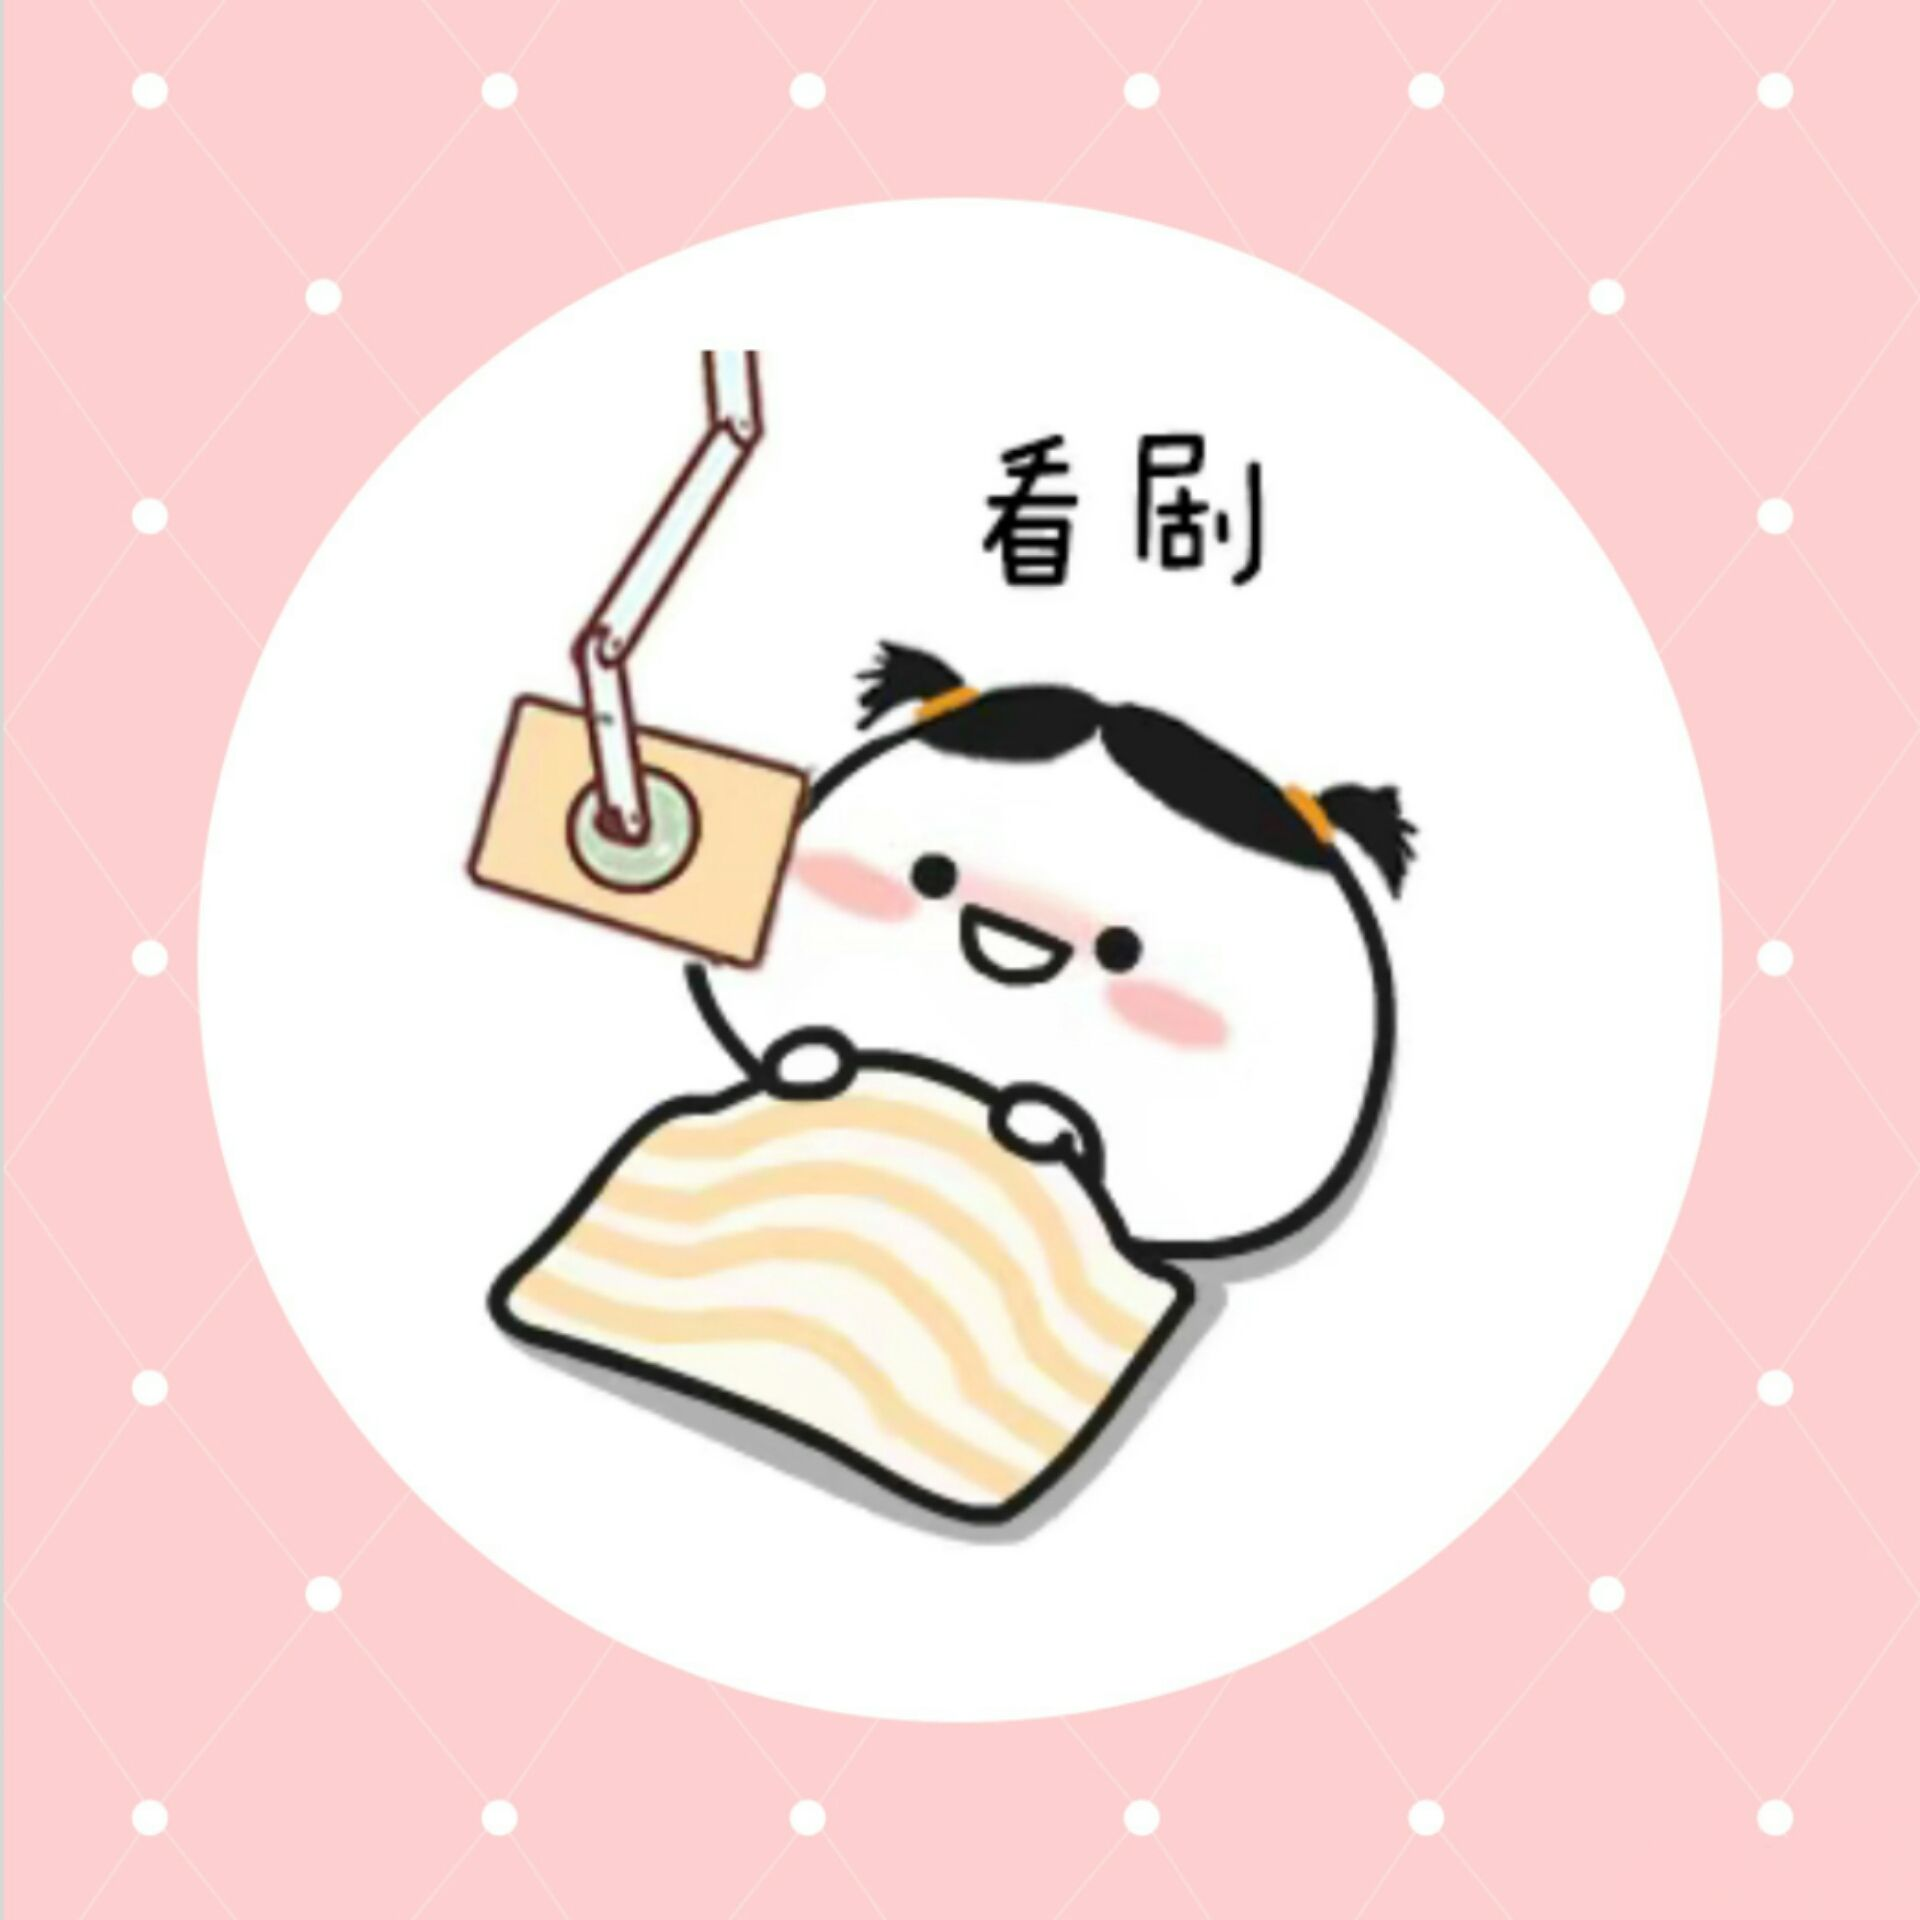 Pin oleh Doan di 乖巧宝宝 di 2020 Kartun, Lucu, Stiker